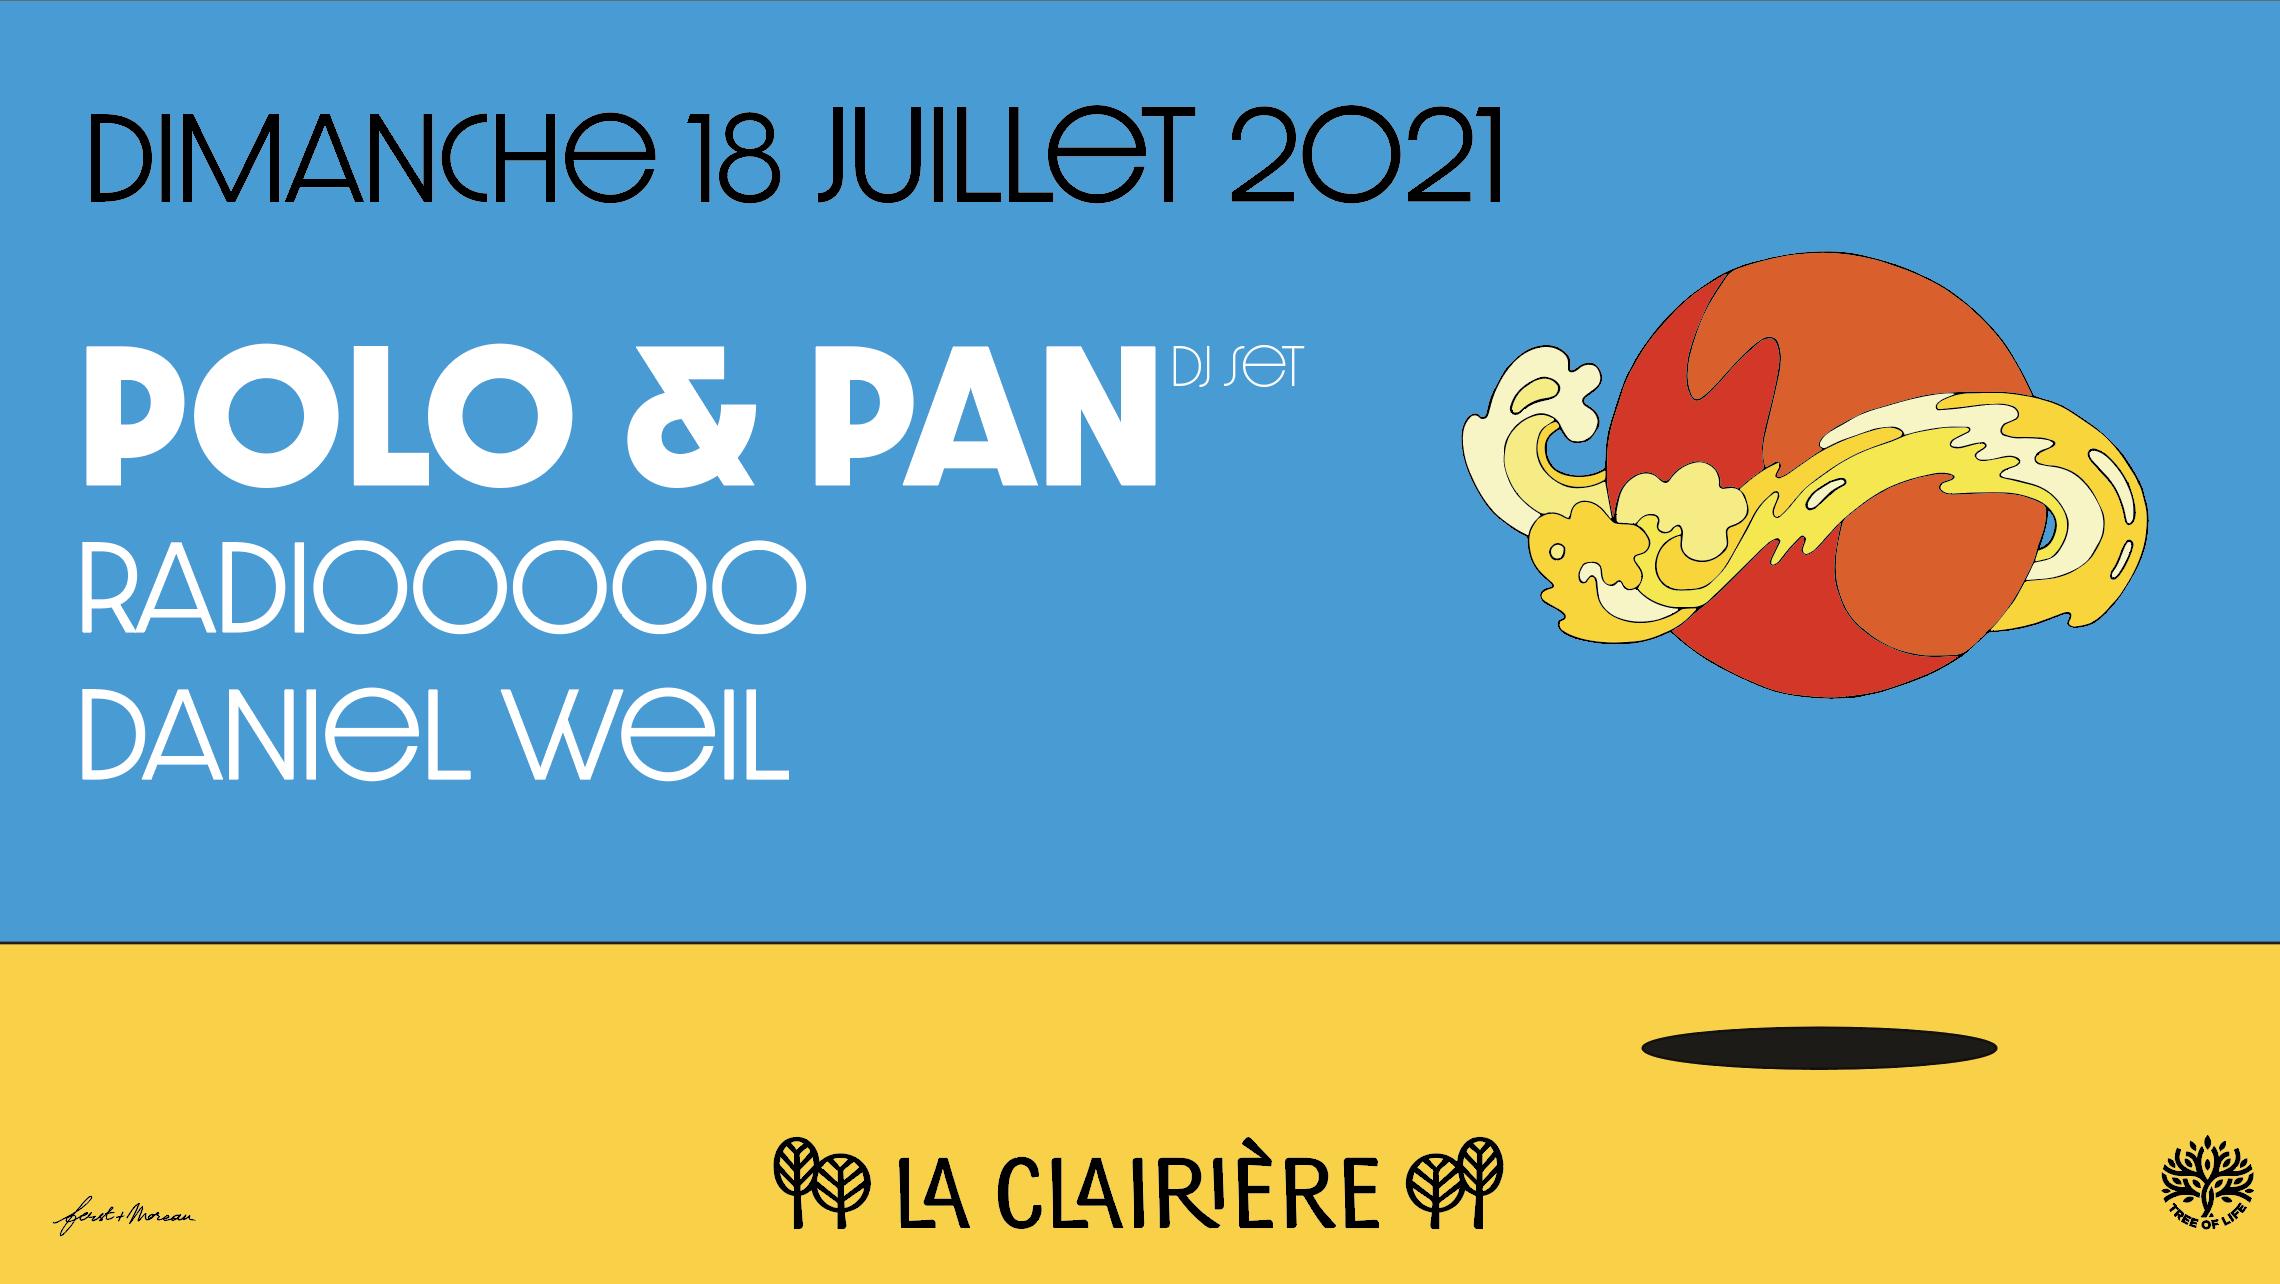 POLO & PAN DJ Set